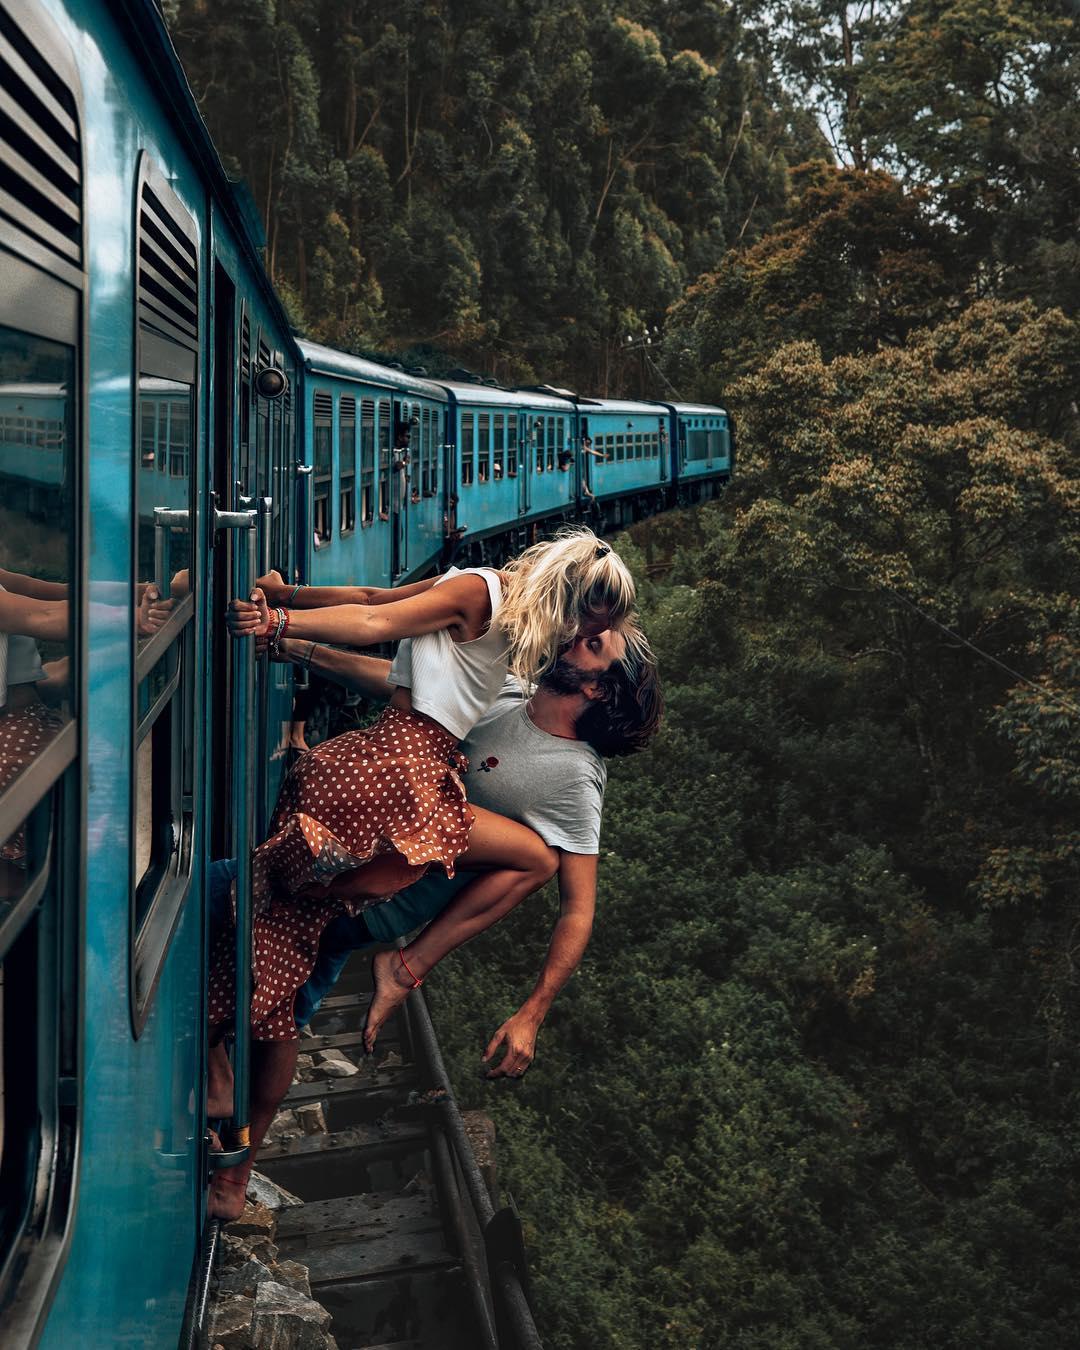 Пару тревел-блогеров раскритиковали за опасное фото на поезде